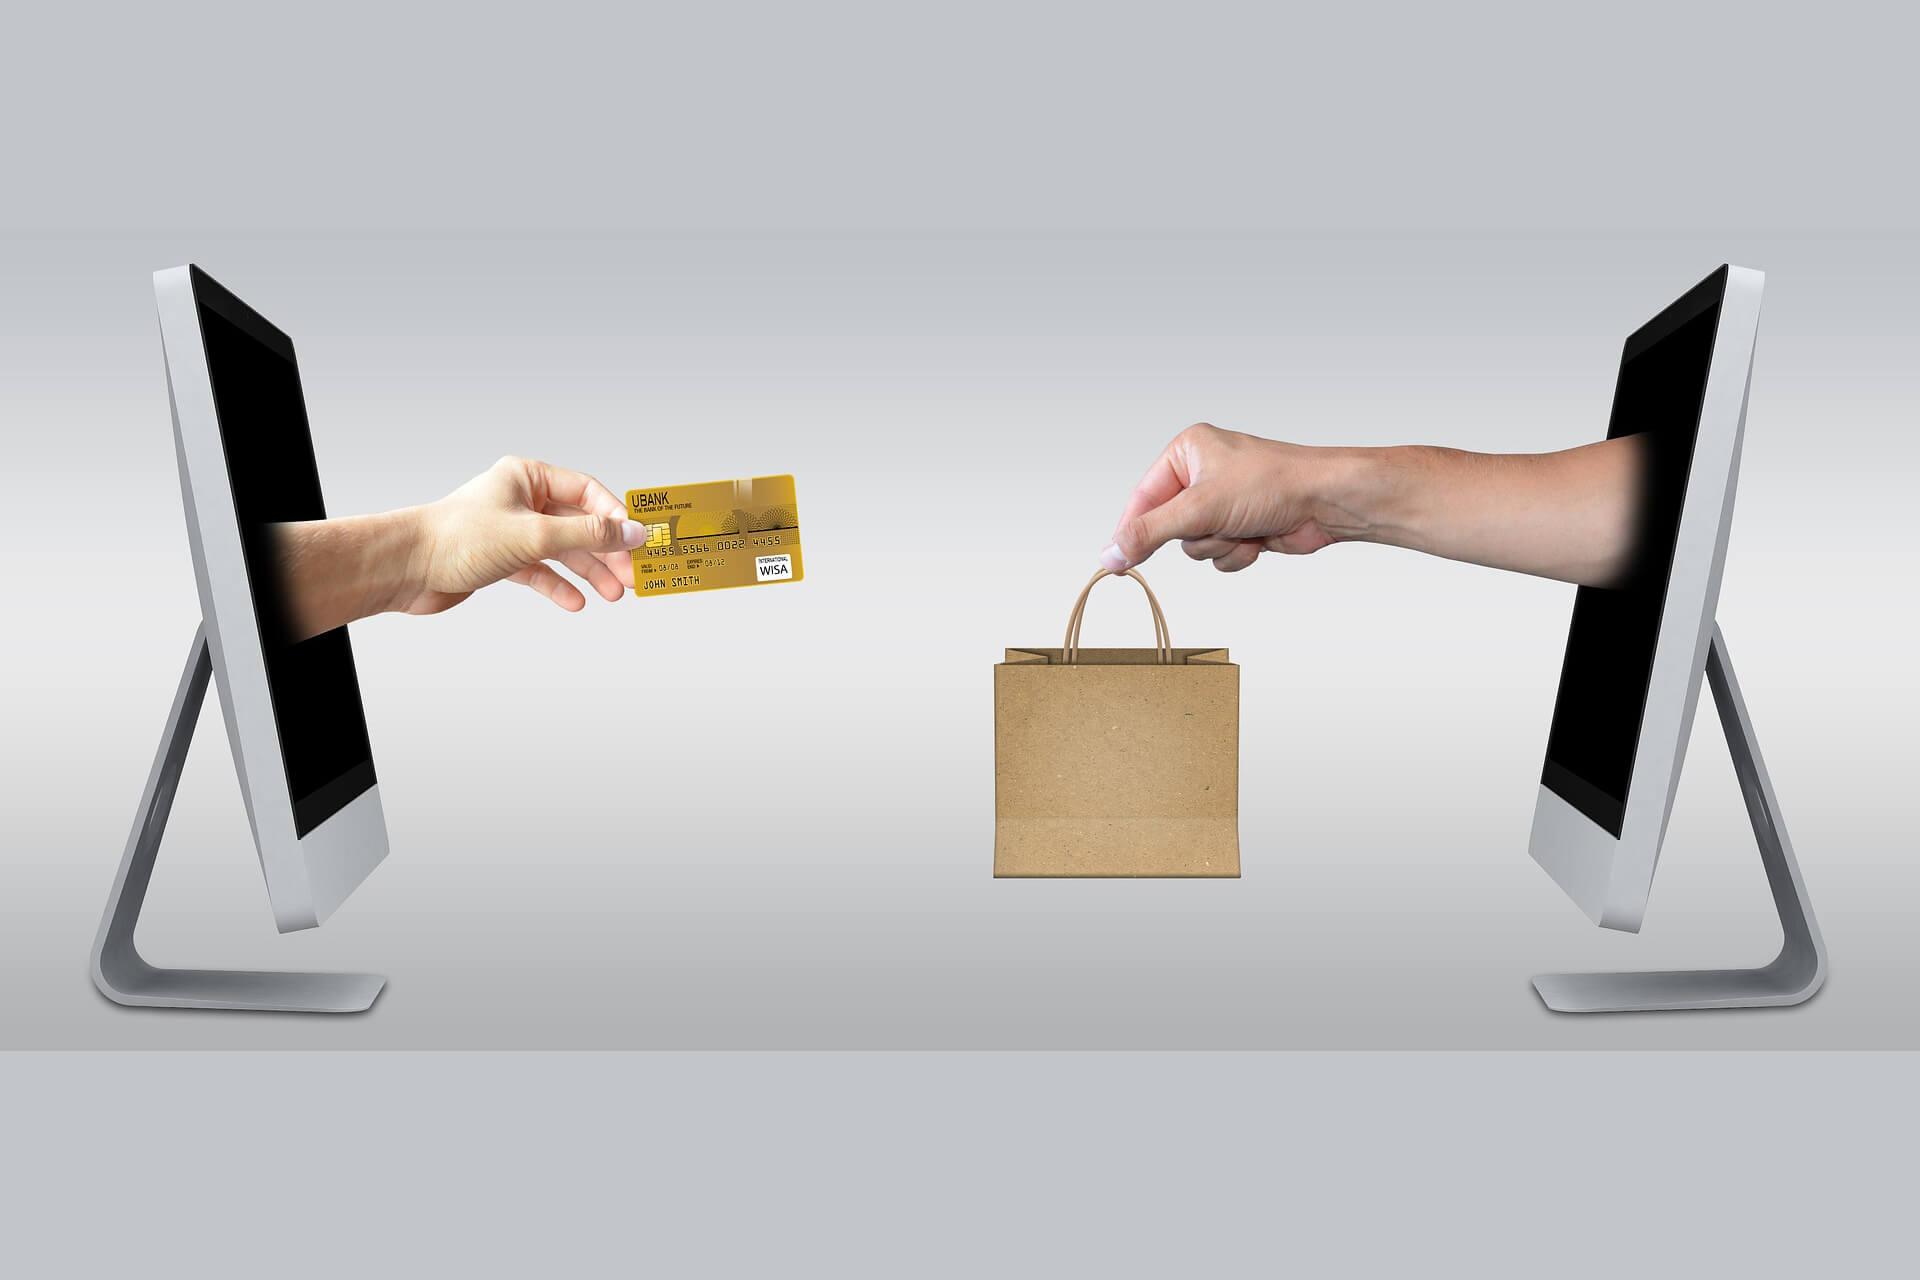 продавайте успешно онлайн